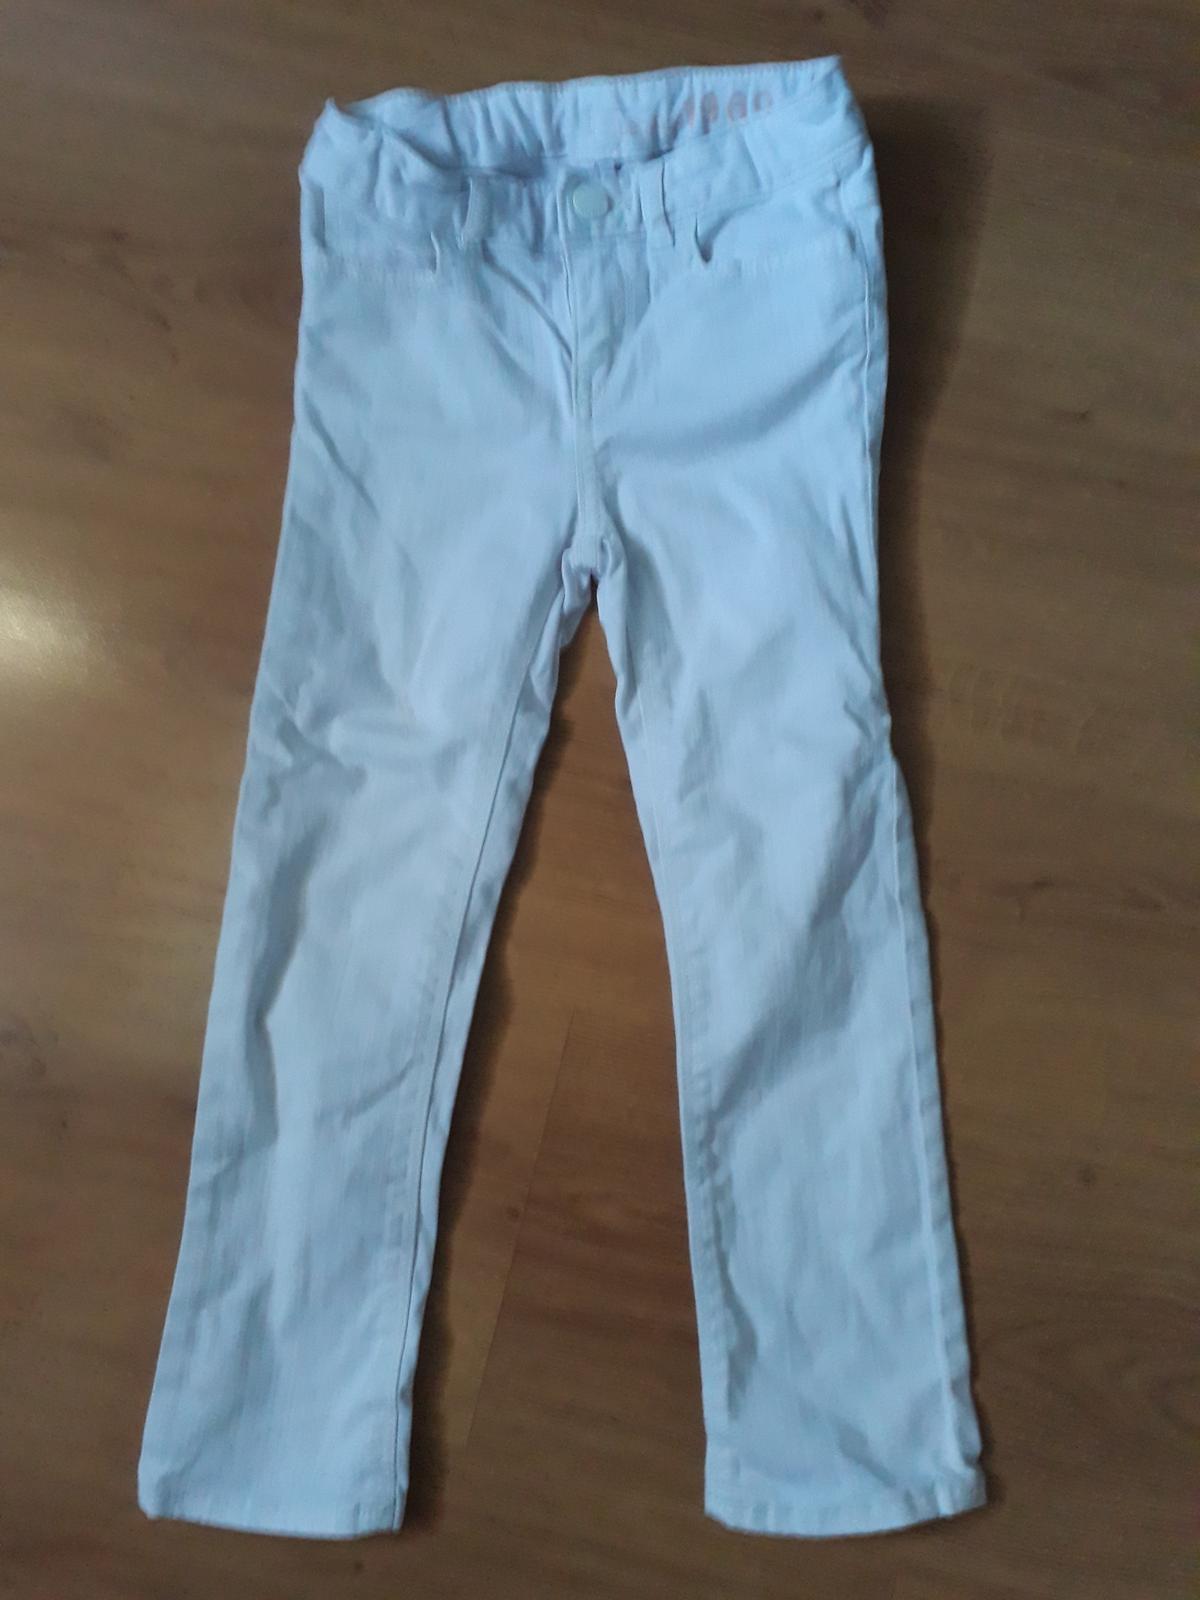 dívčí bílé kalhoty - Obrázek č. 1